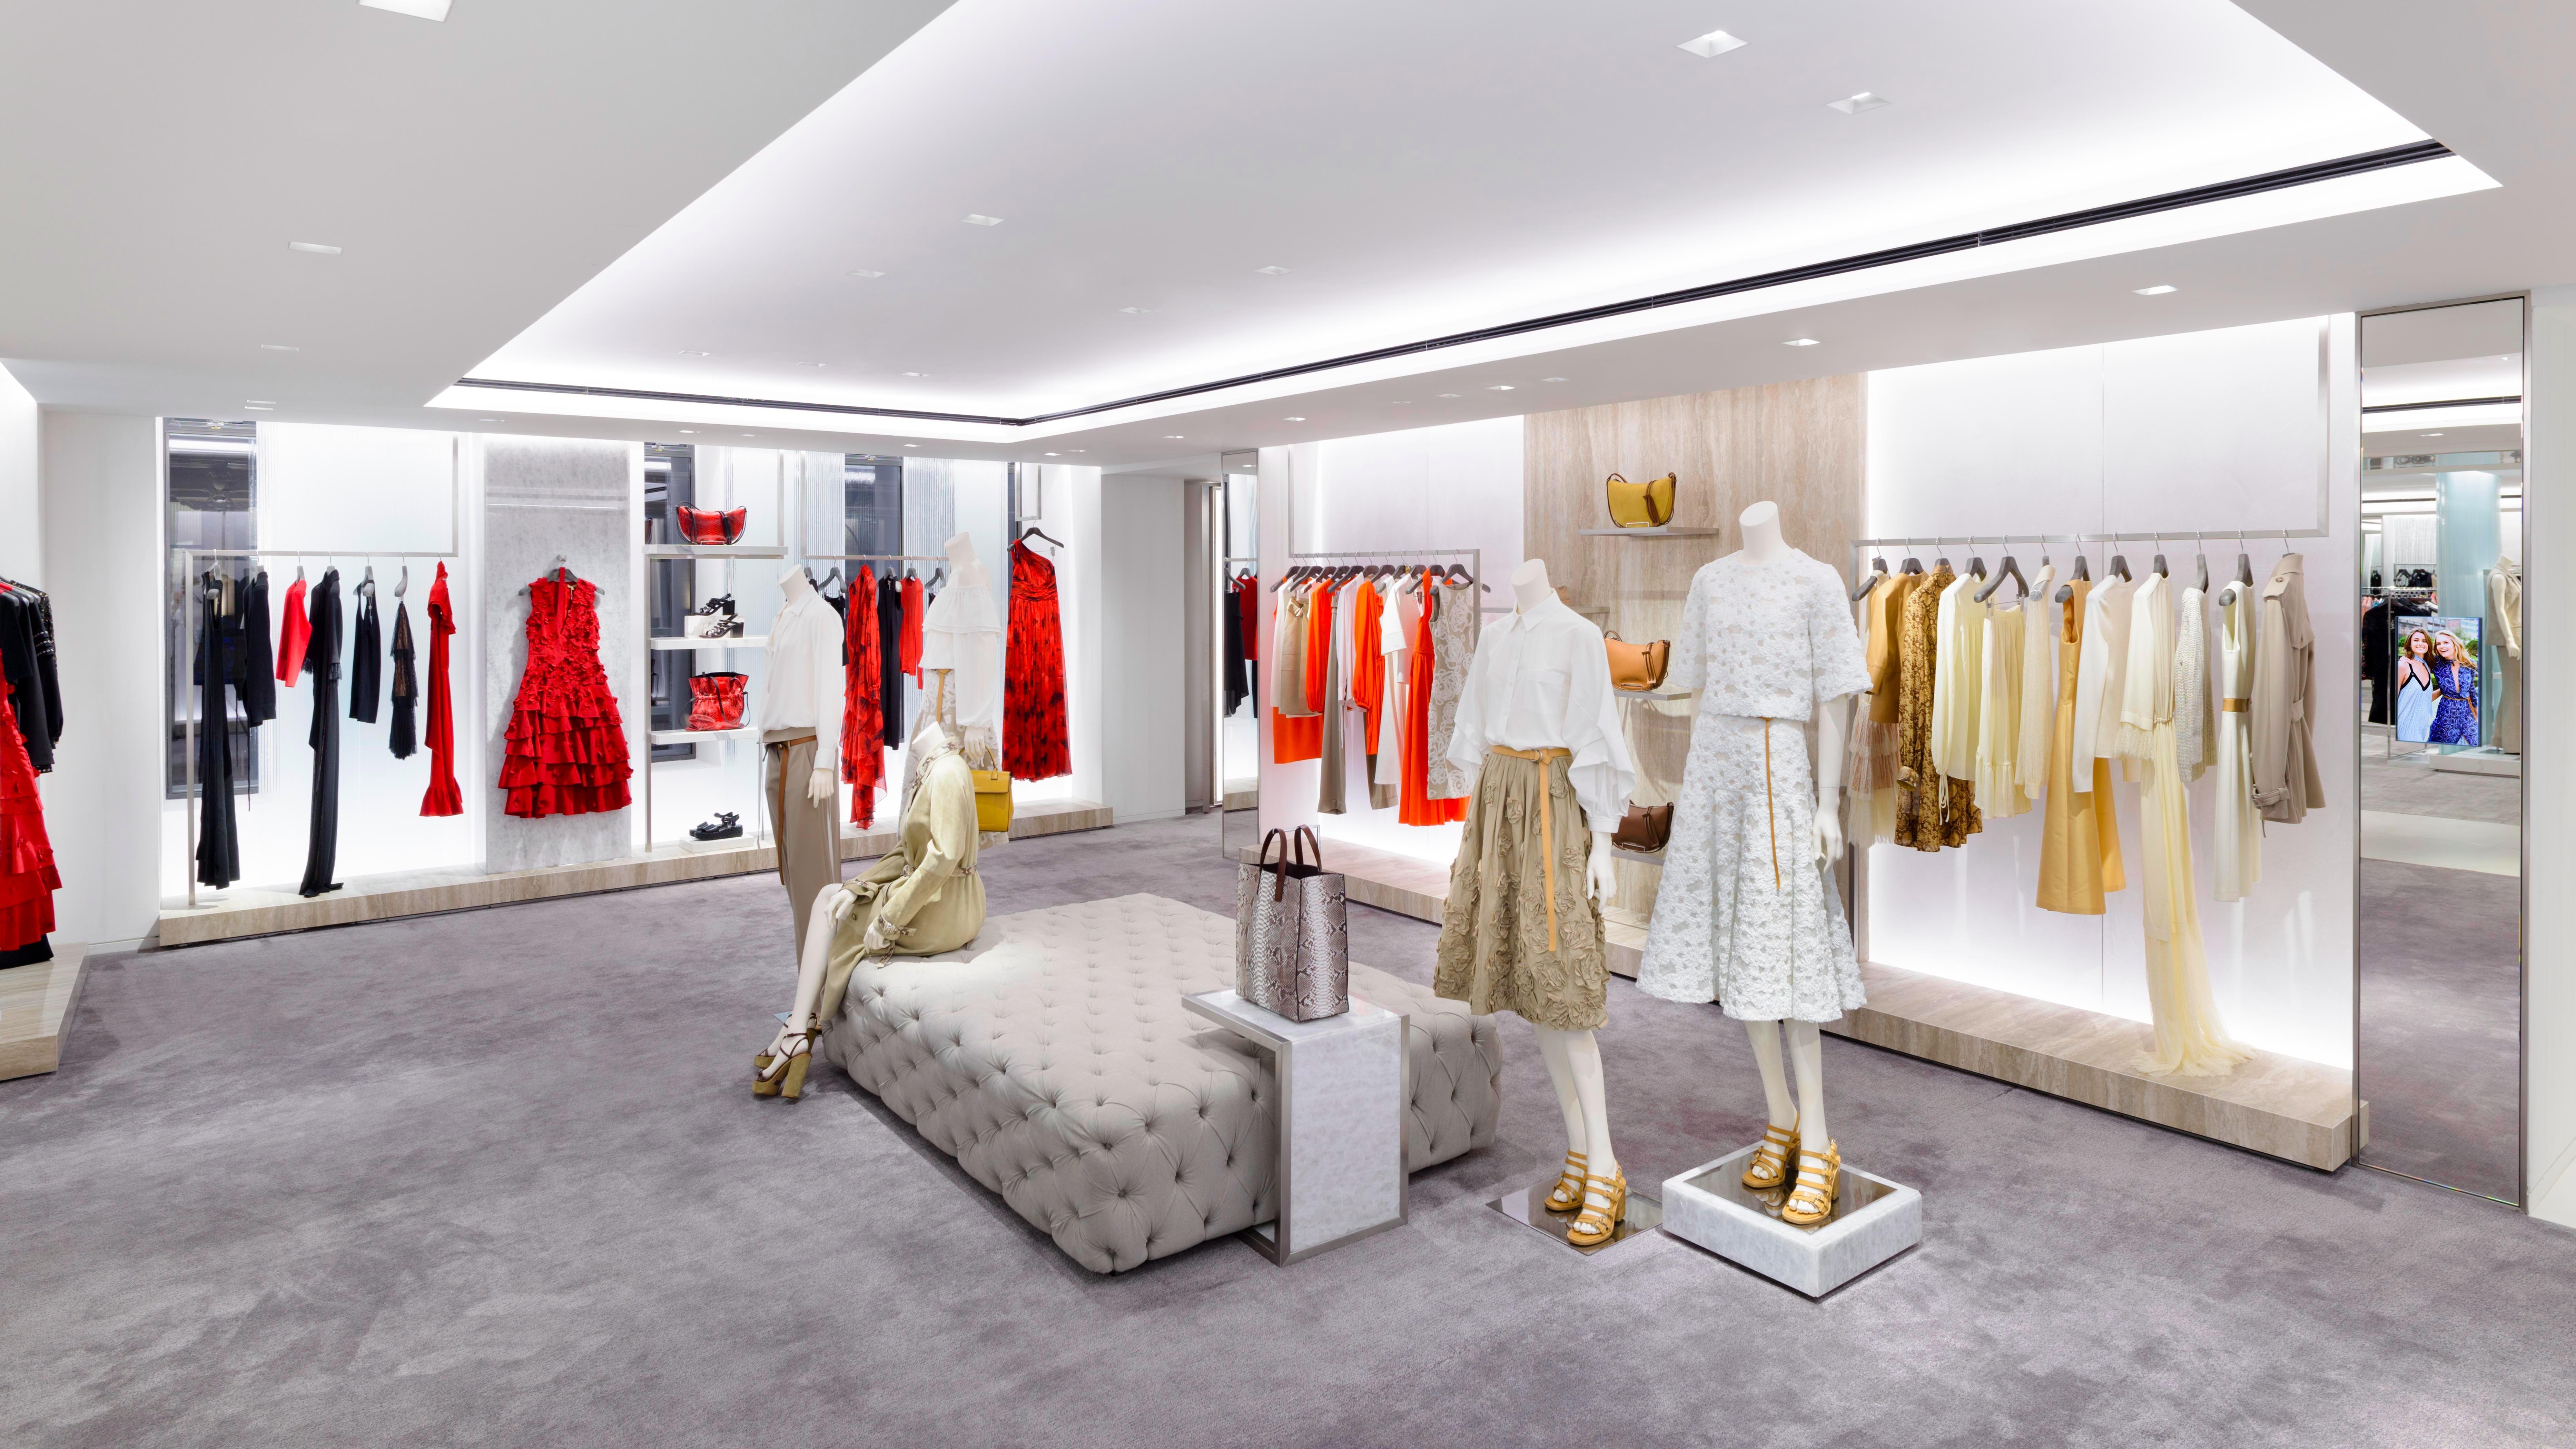 Fashion boutique in hoshiarpur 10